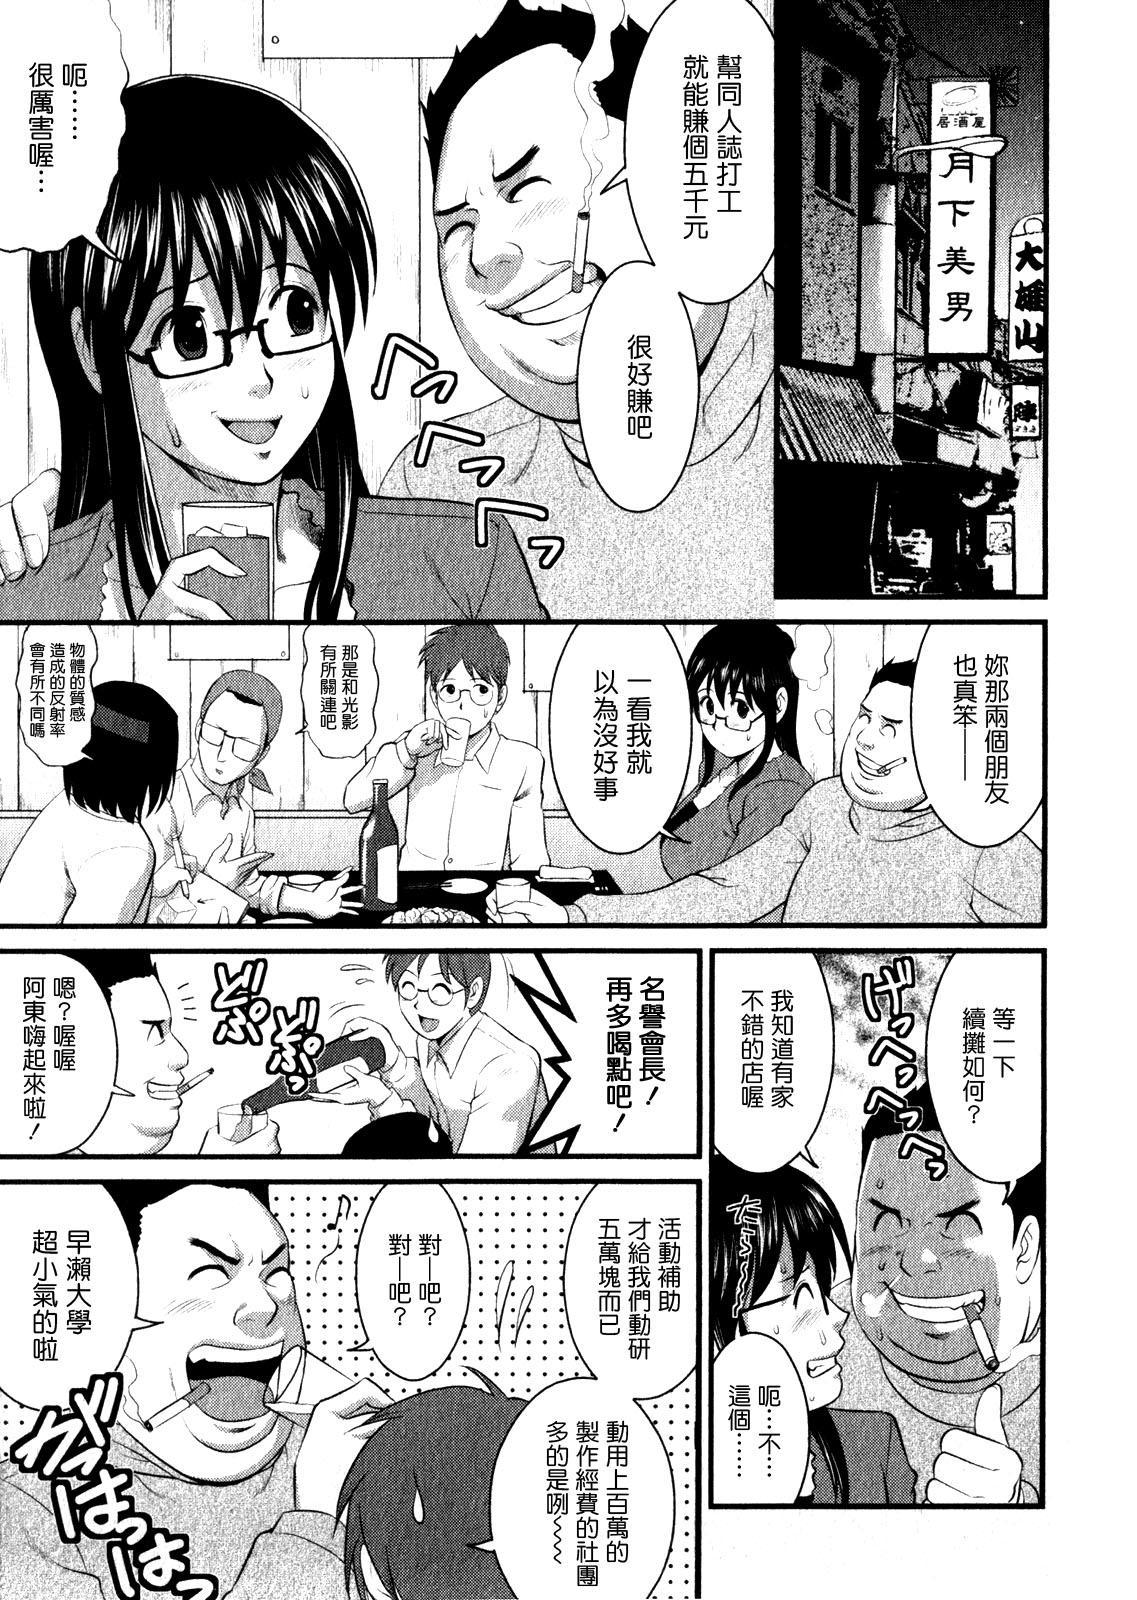 Otaku no Megami-san 1 96